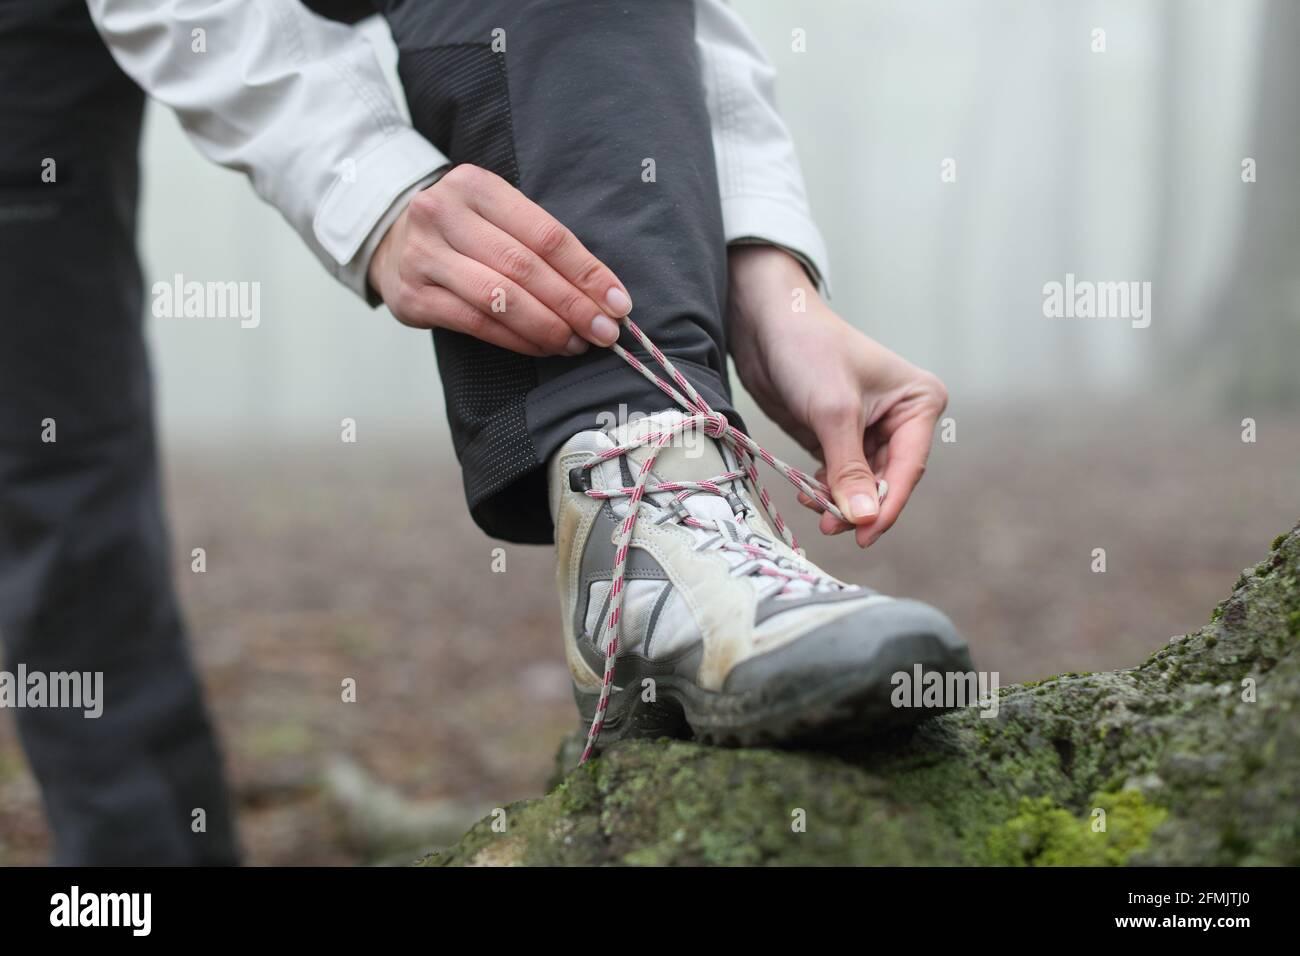 Primo piano di un escursionista mani legando i lacci di stivale in la montagna Foto Stock